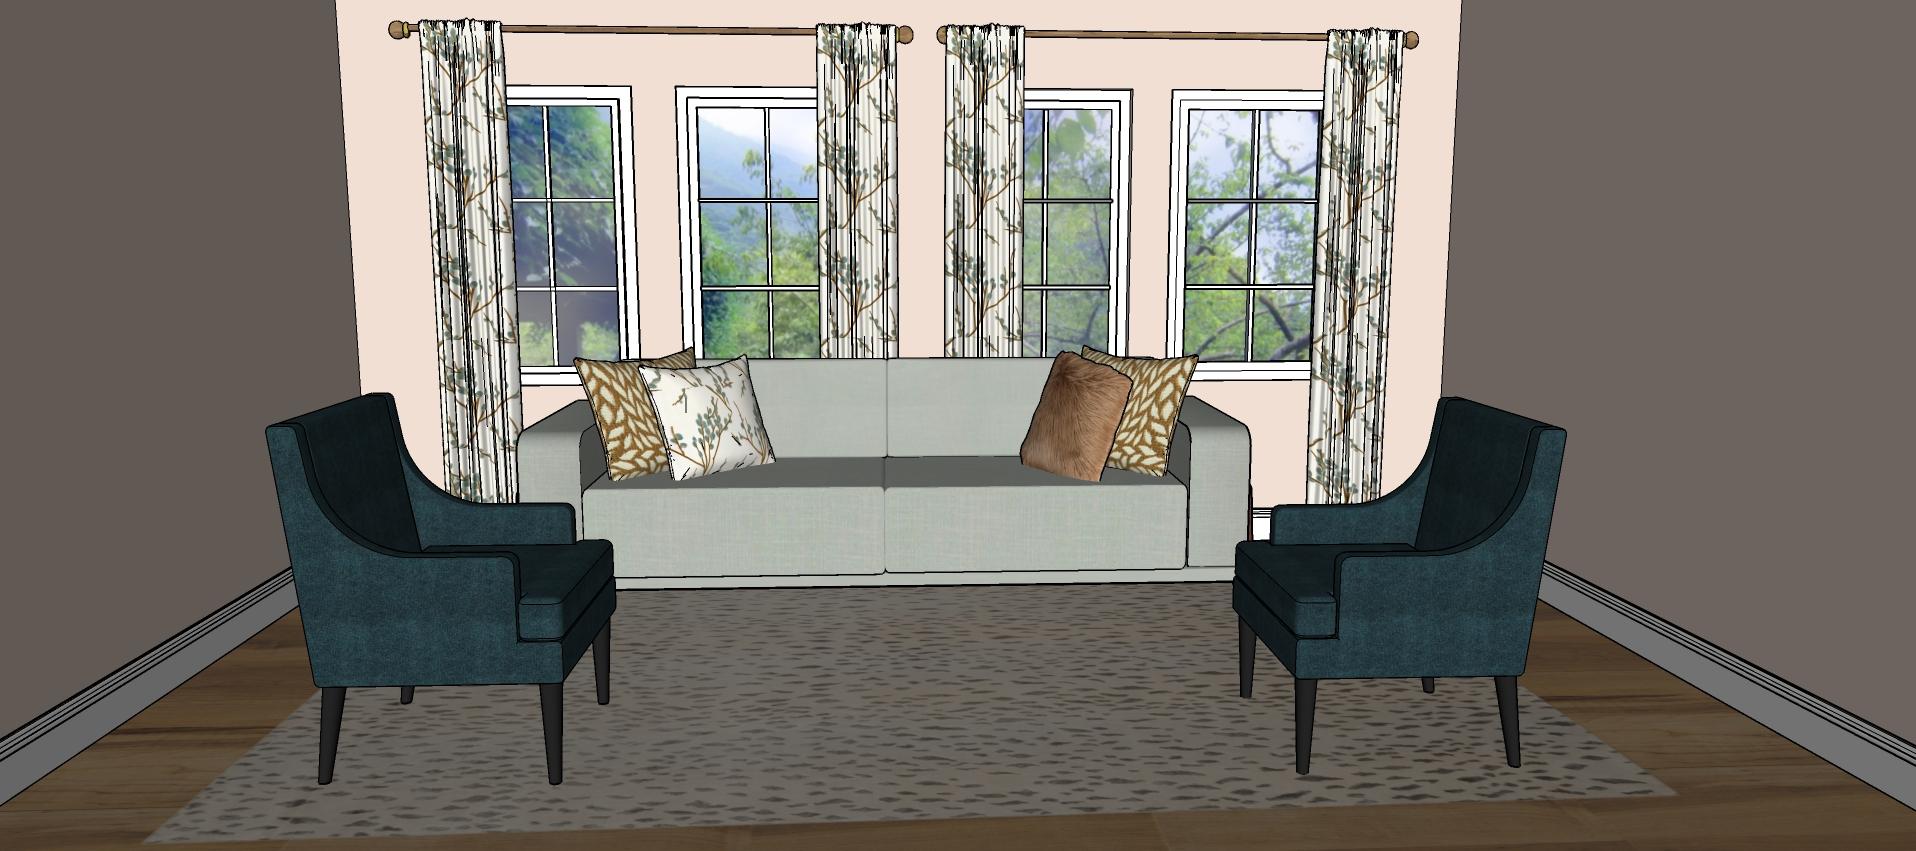 Blog well design look 3